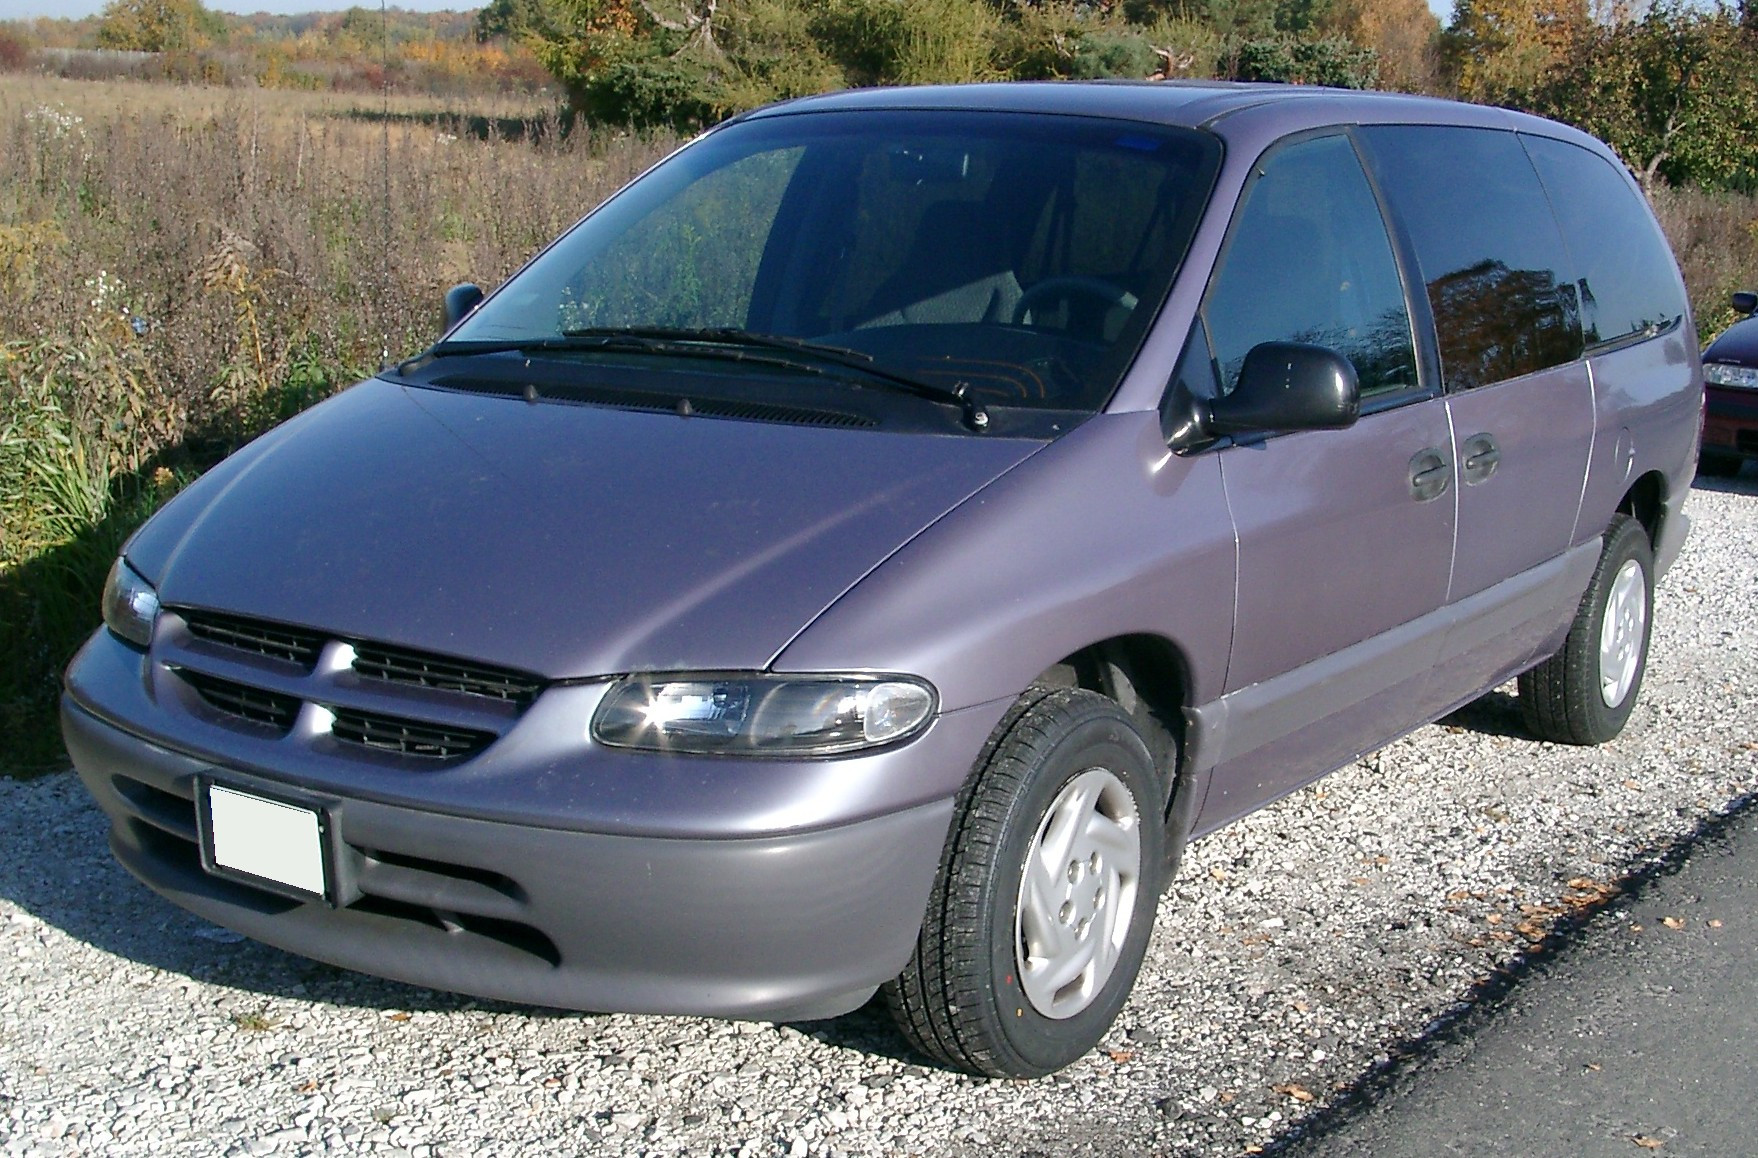 Chrysler_Voyager_front